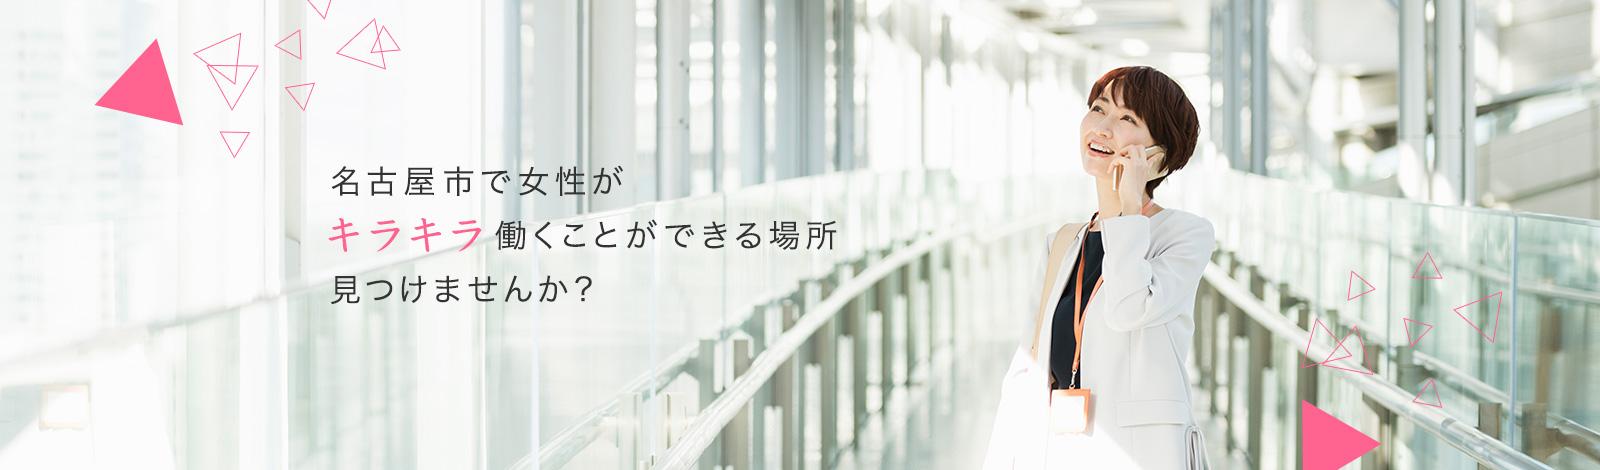 名古屋市で女性がキラキラ働くことができる場所見つけませんか?